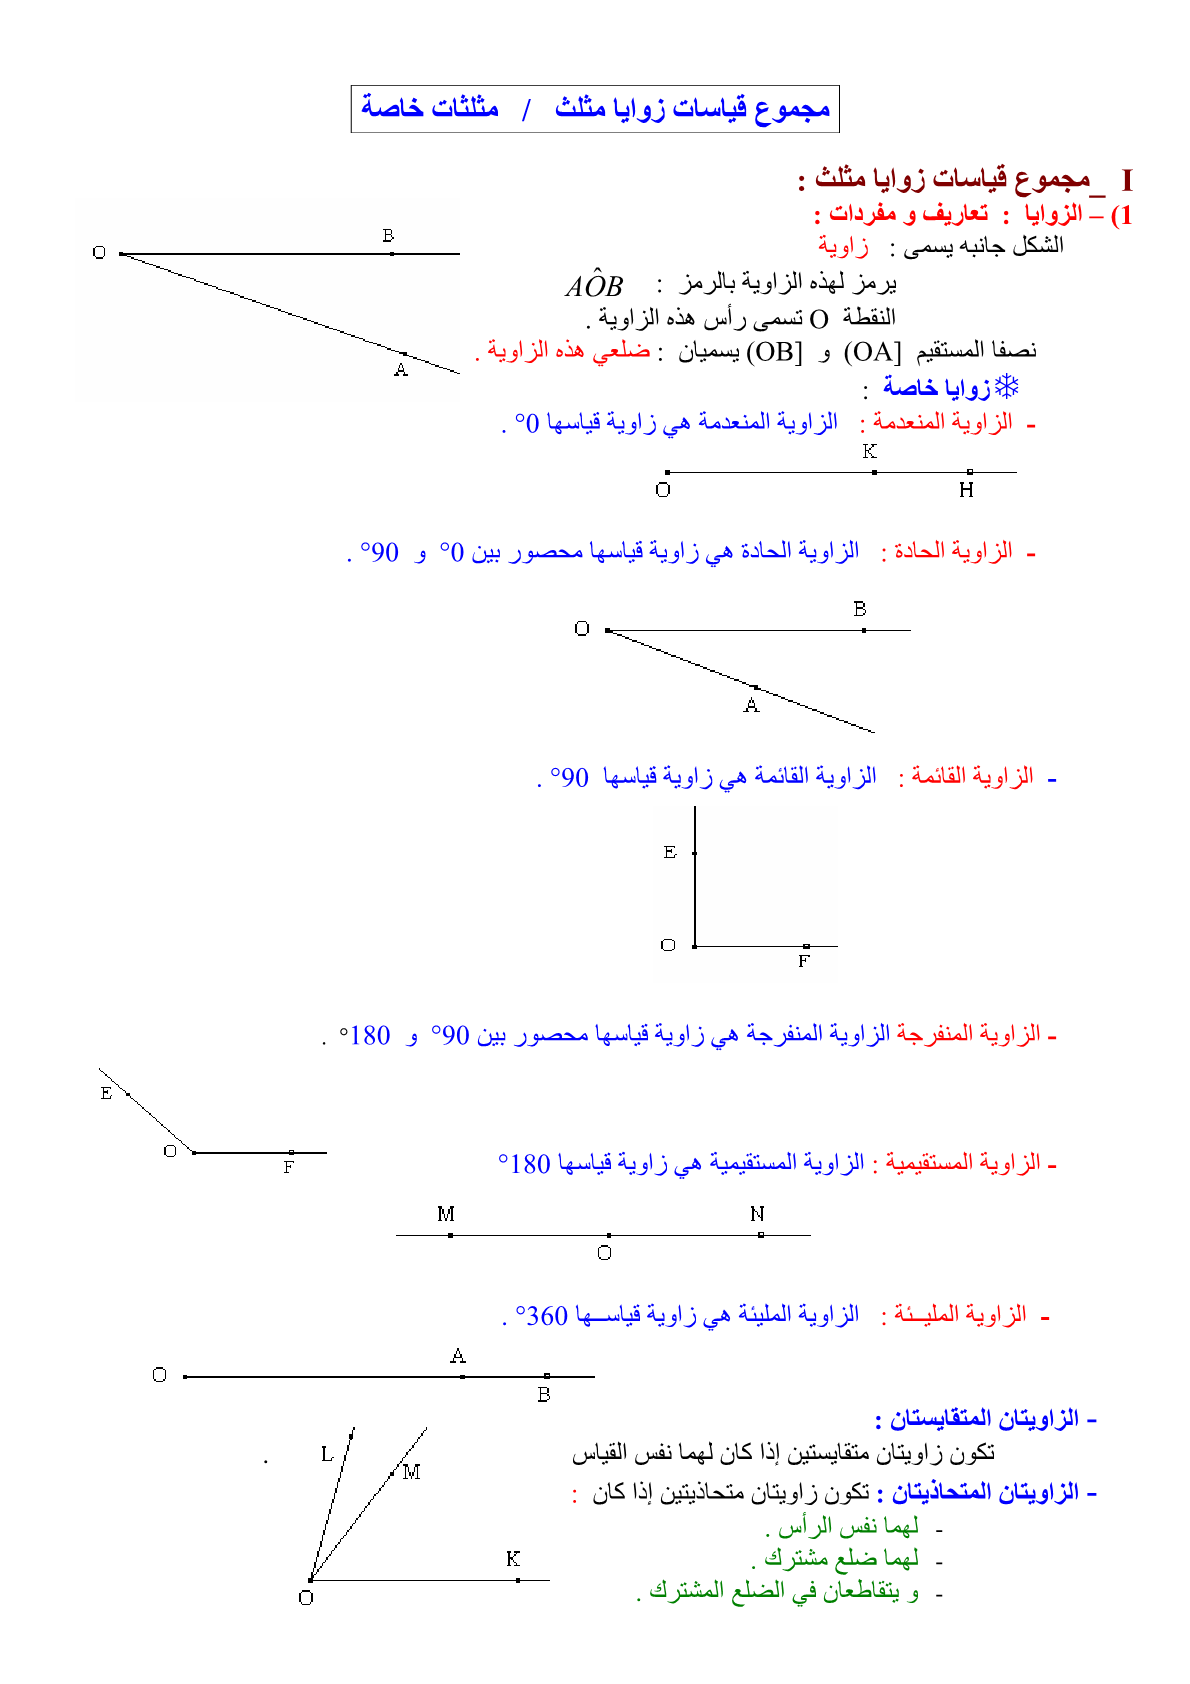 درس مجموع قياسات زوايا مثلث - مثلثات خاصة للمستوى الأولى إعدادي